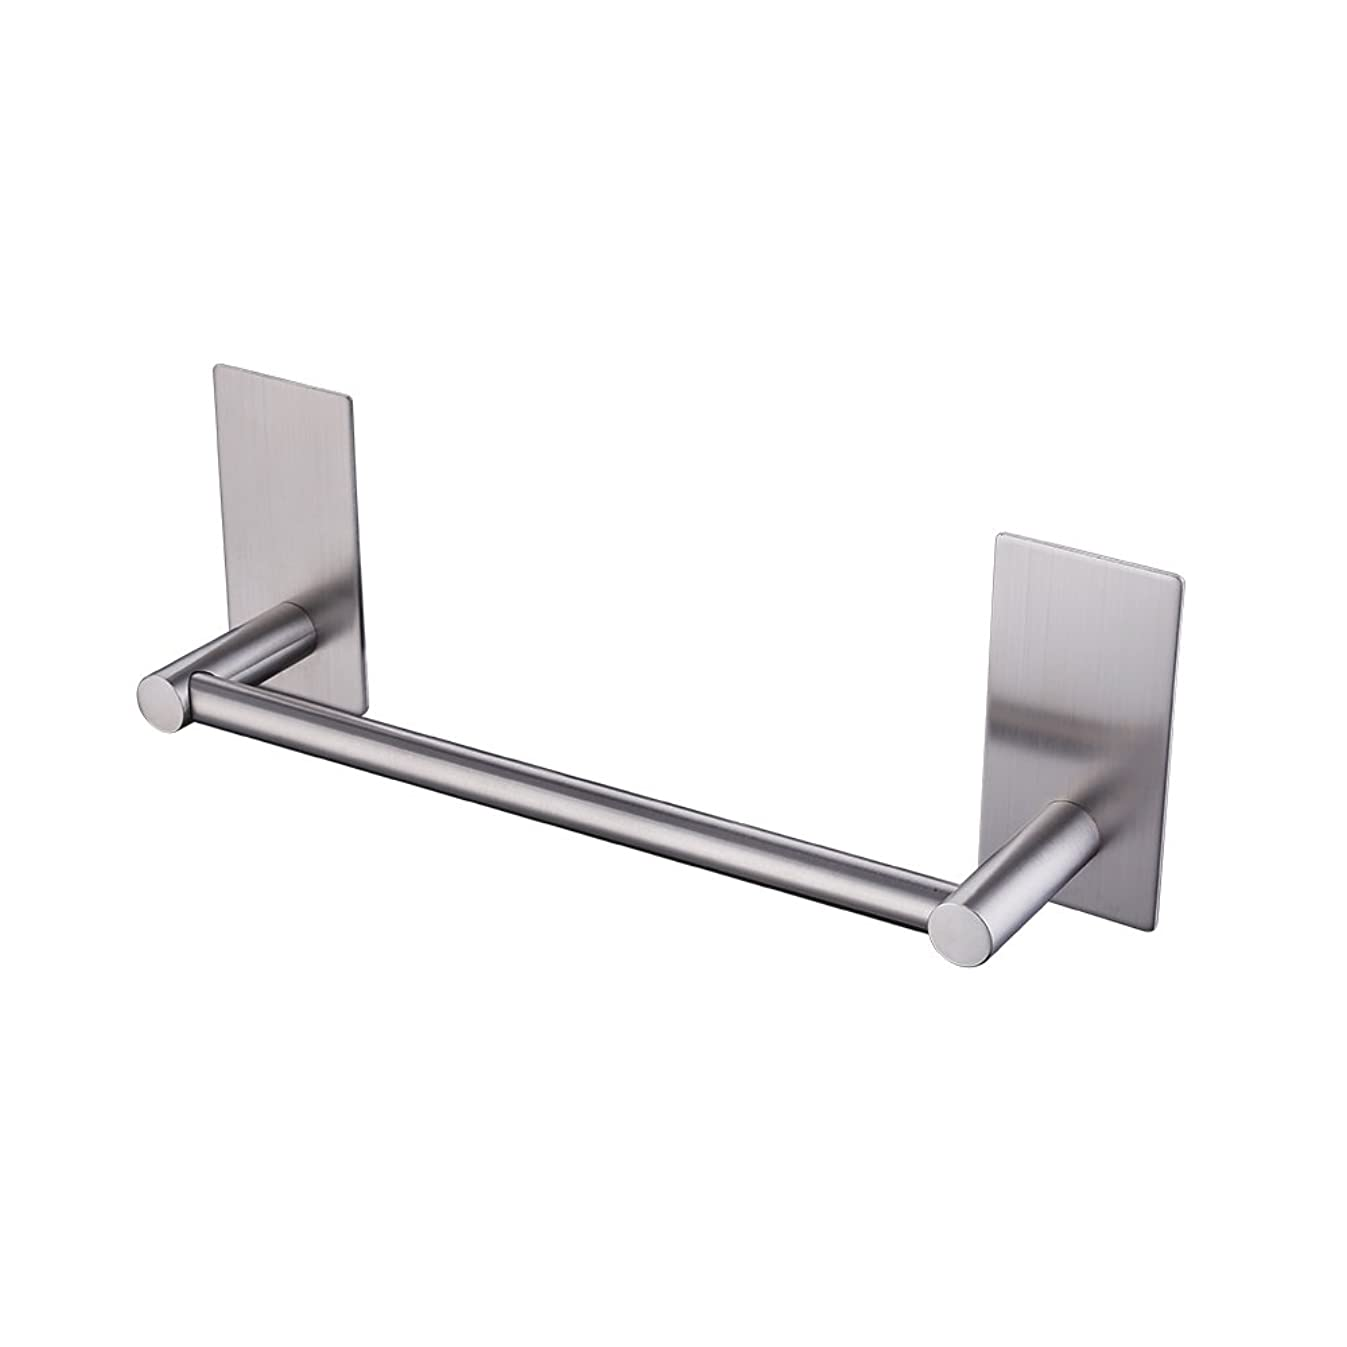 蒸気ベッドを作る怠なKES バスルーム洗面所3 M粘着シングルタオルバー15.7-inch、つや消しステンレススチール 9-Inch ブラウン 並行輸入品, A7000S23-2